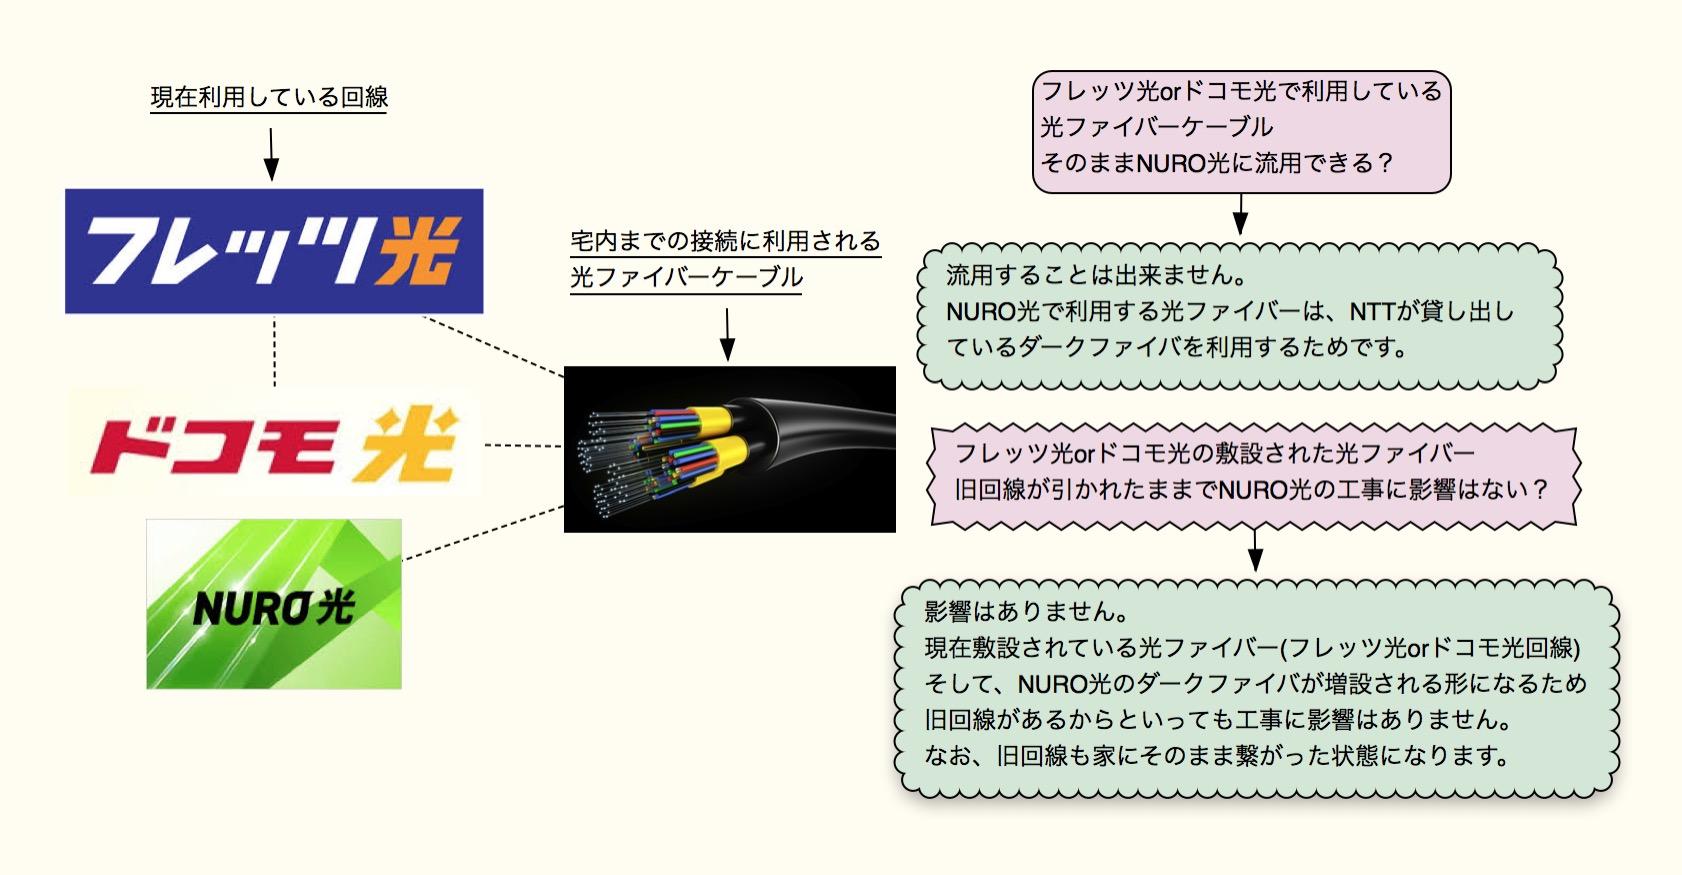 フレッツ光などのNTT系光回線の使用ケーブル